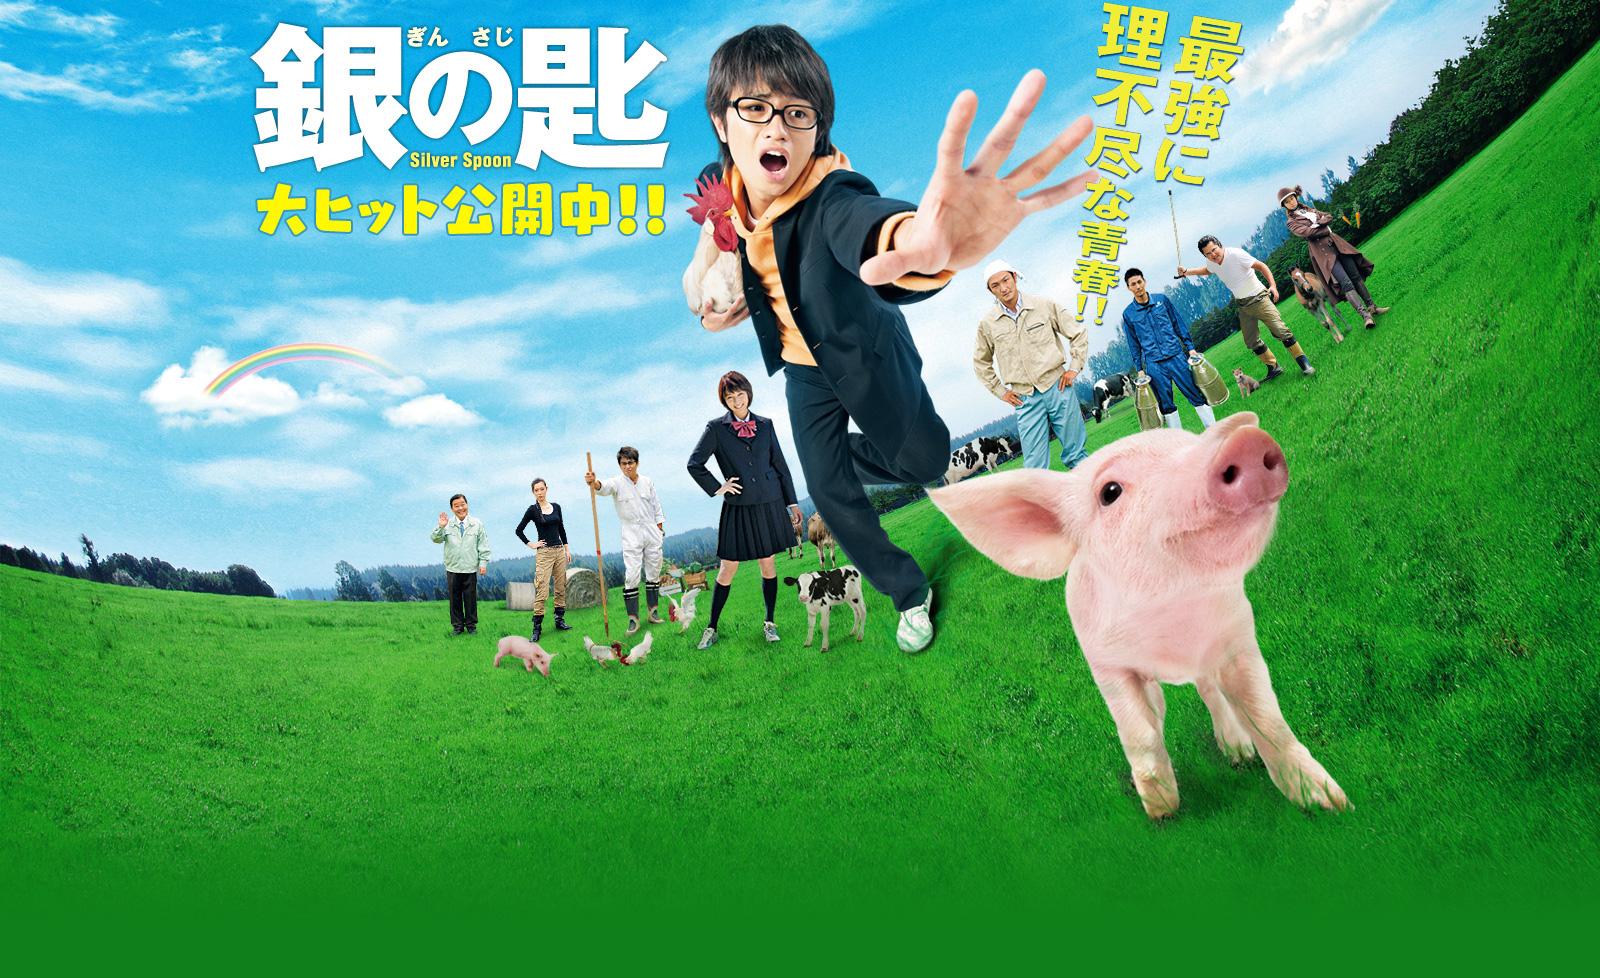 Visuel clé du film Gin no Saji (Silver Spoon)